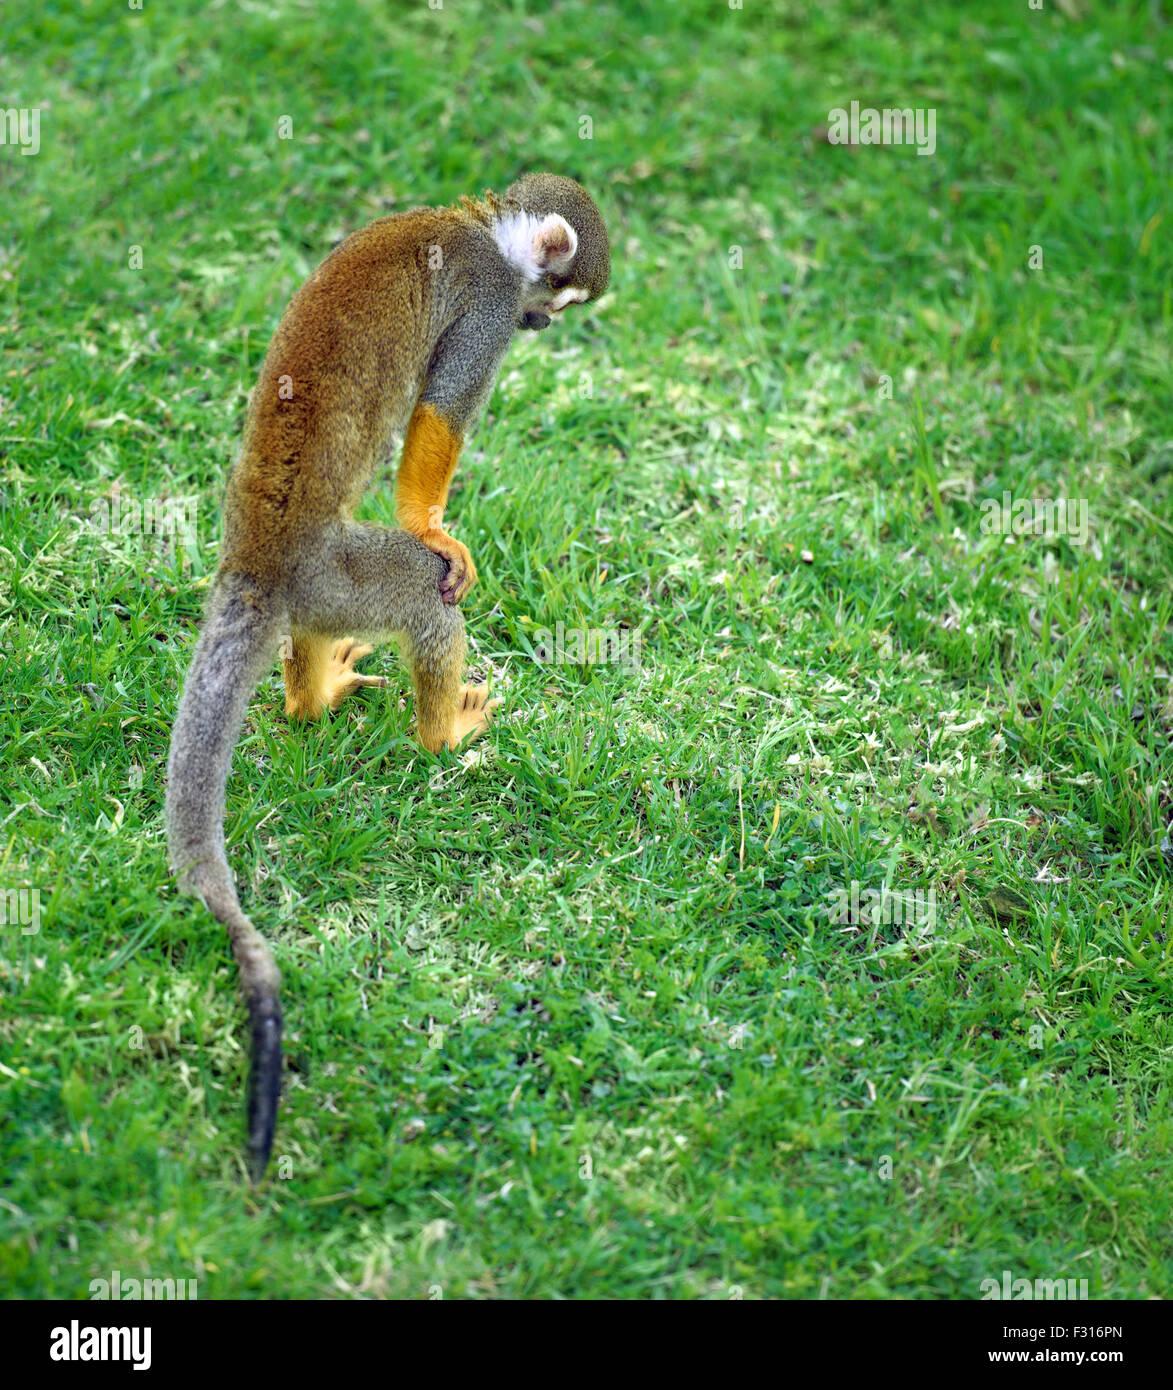 Scimmia di scoiattolo cercando qualcosa in erba Immagini Stock